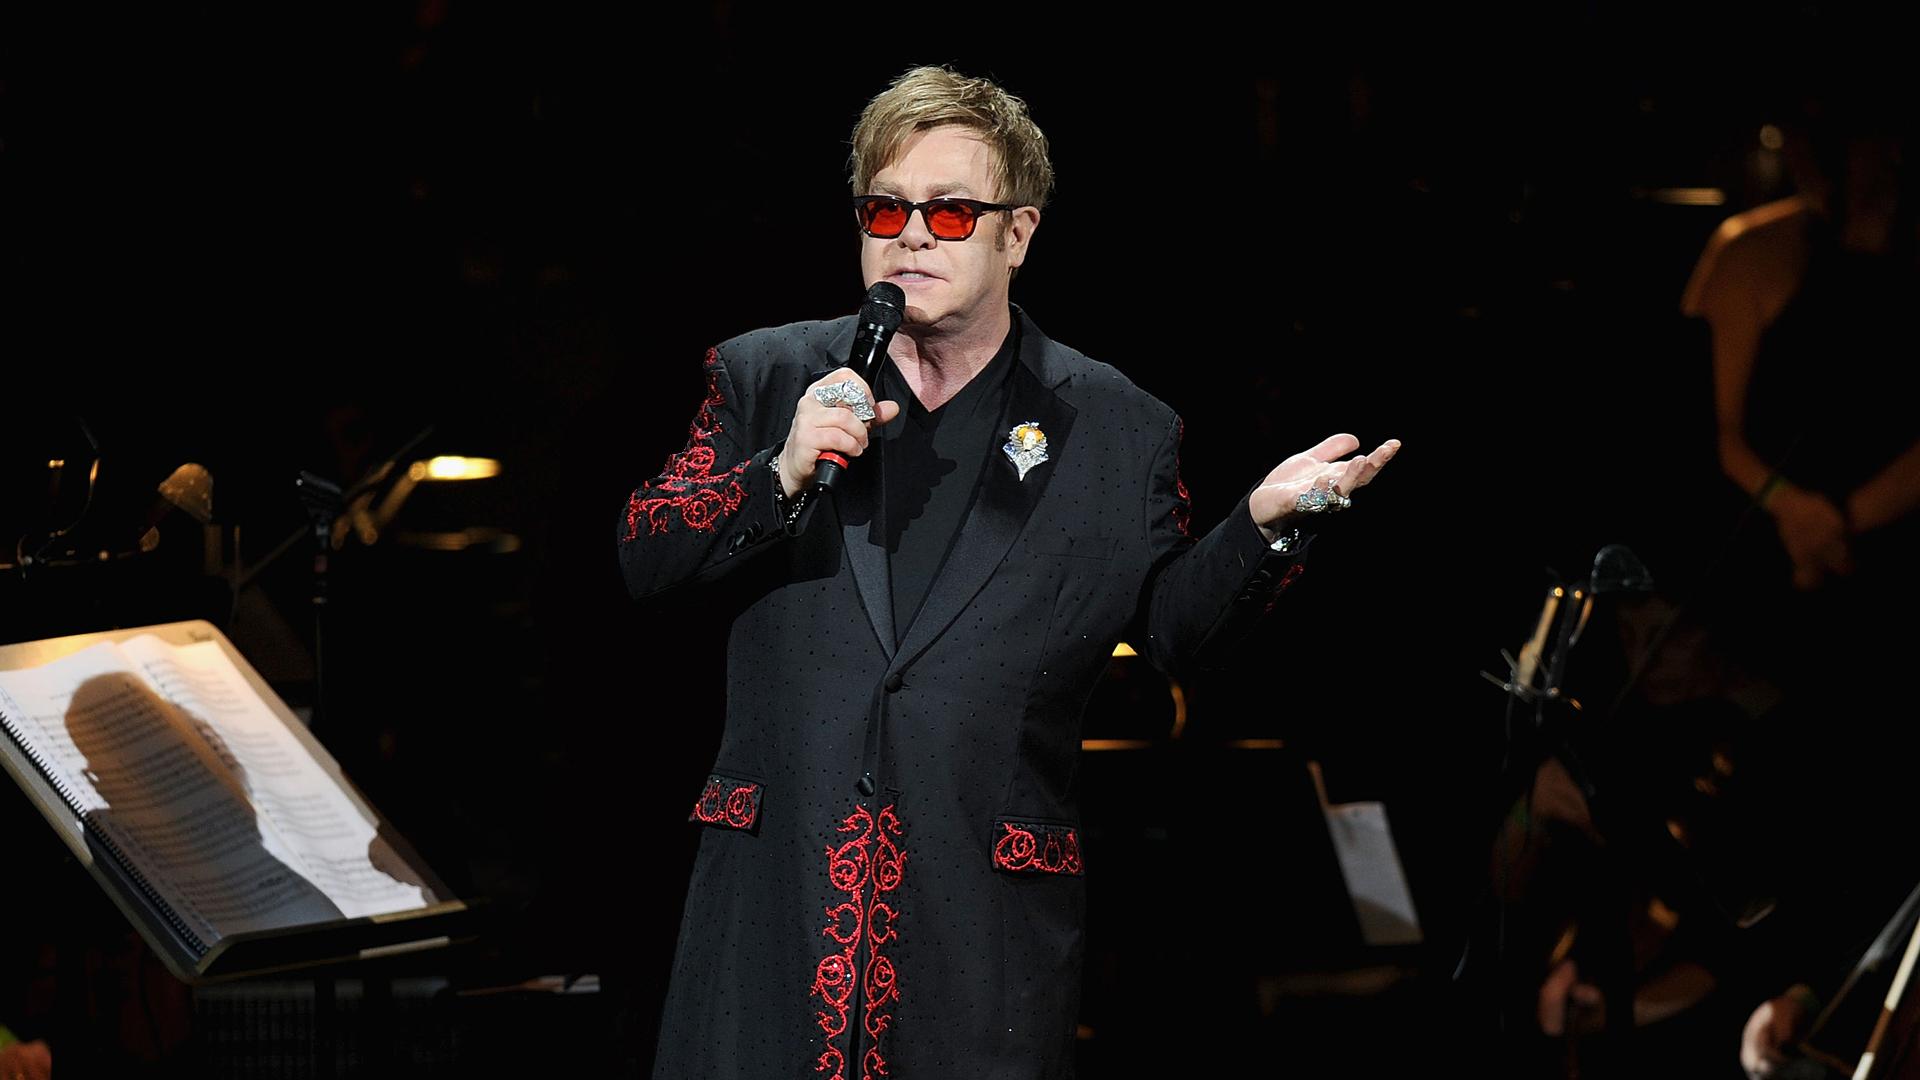 Elton John   Elton John Wallpaper 41028528 1920x1080